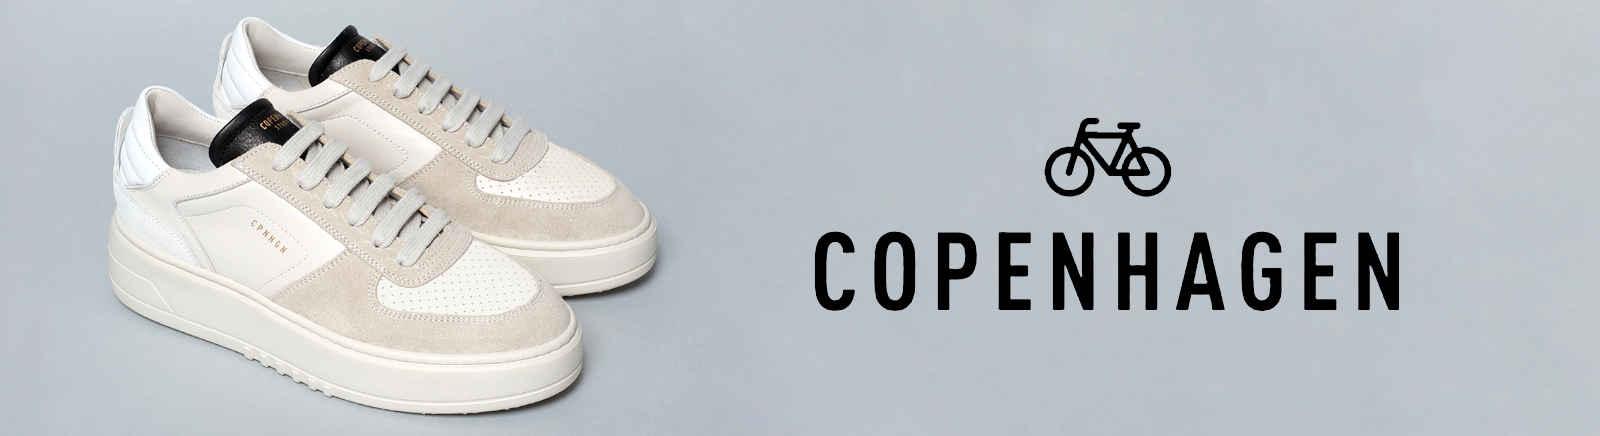 Prange: Copenhagen Schnürboots für Damen online shoppen